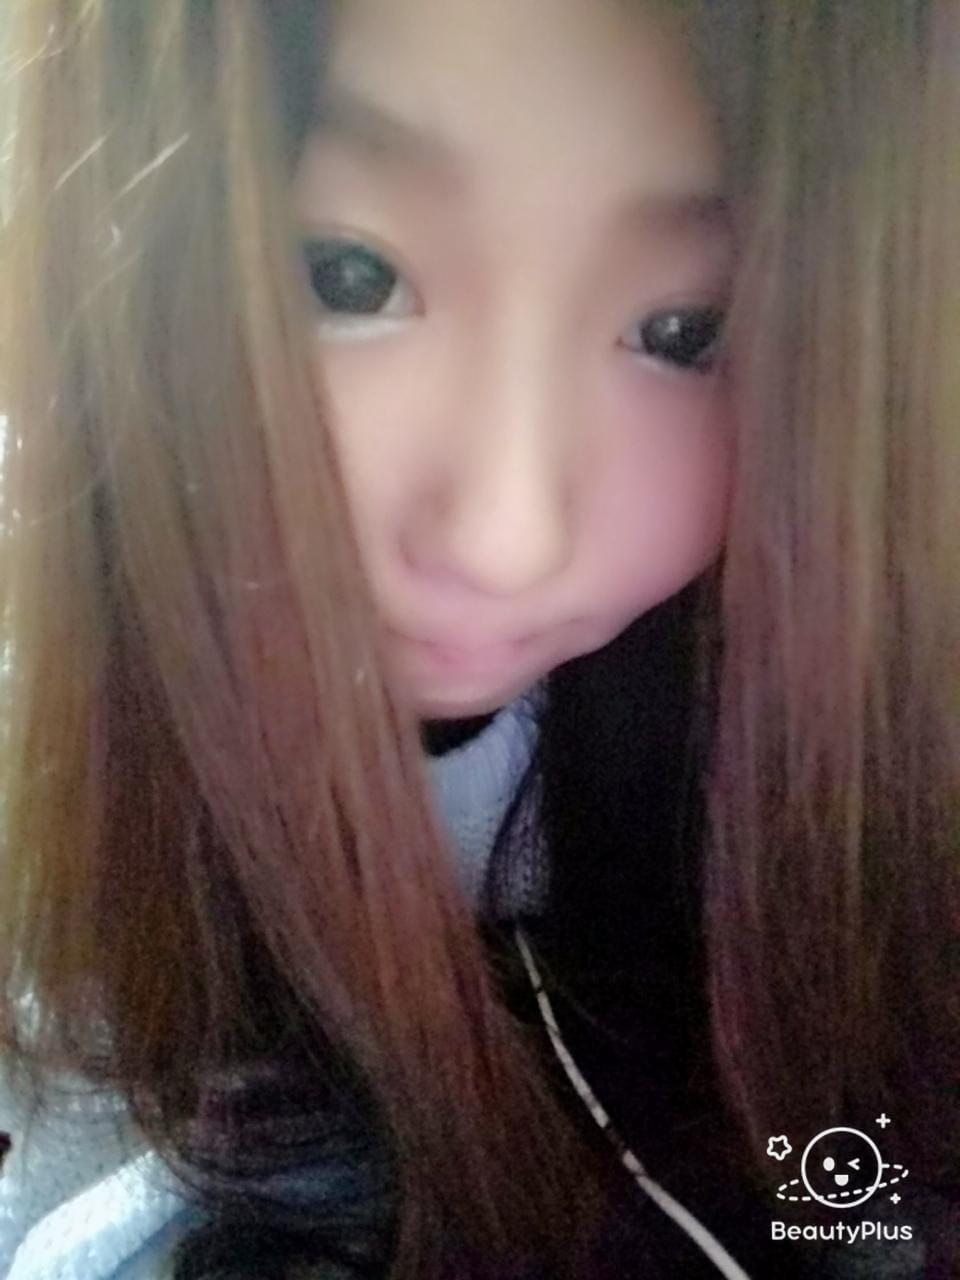 「こんばんは」07/20(金) 22:30 | かなたの写メ・風俗動画